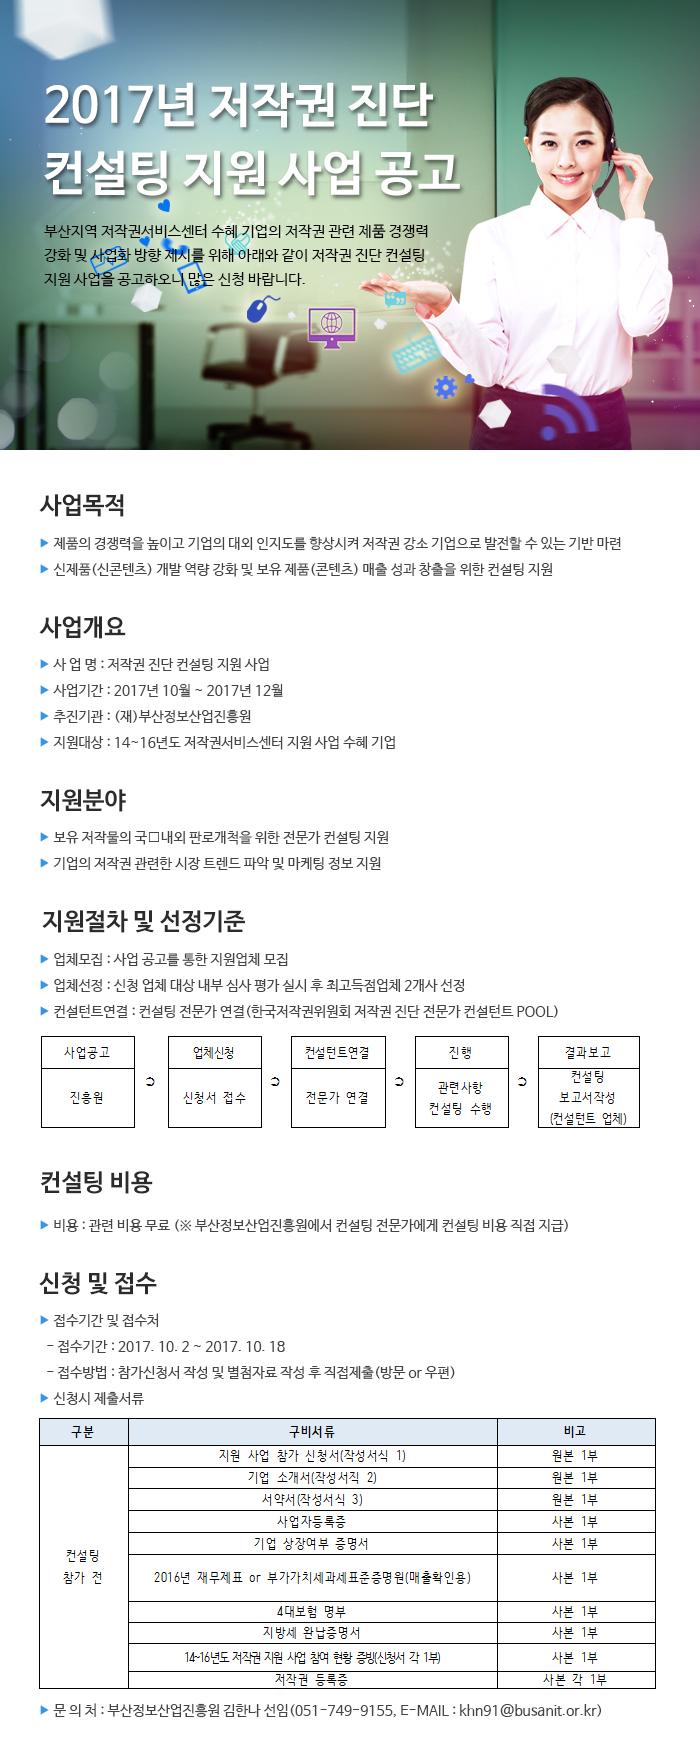 2017년 저작권 진단 컨설팅 지원 사업 공고